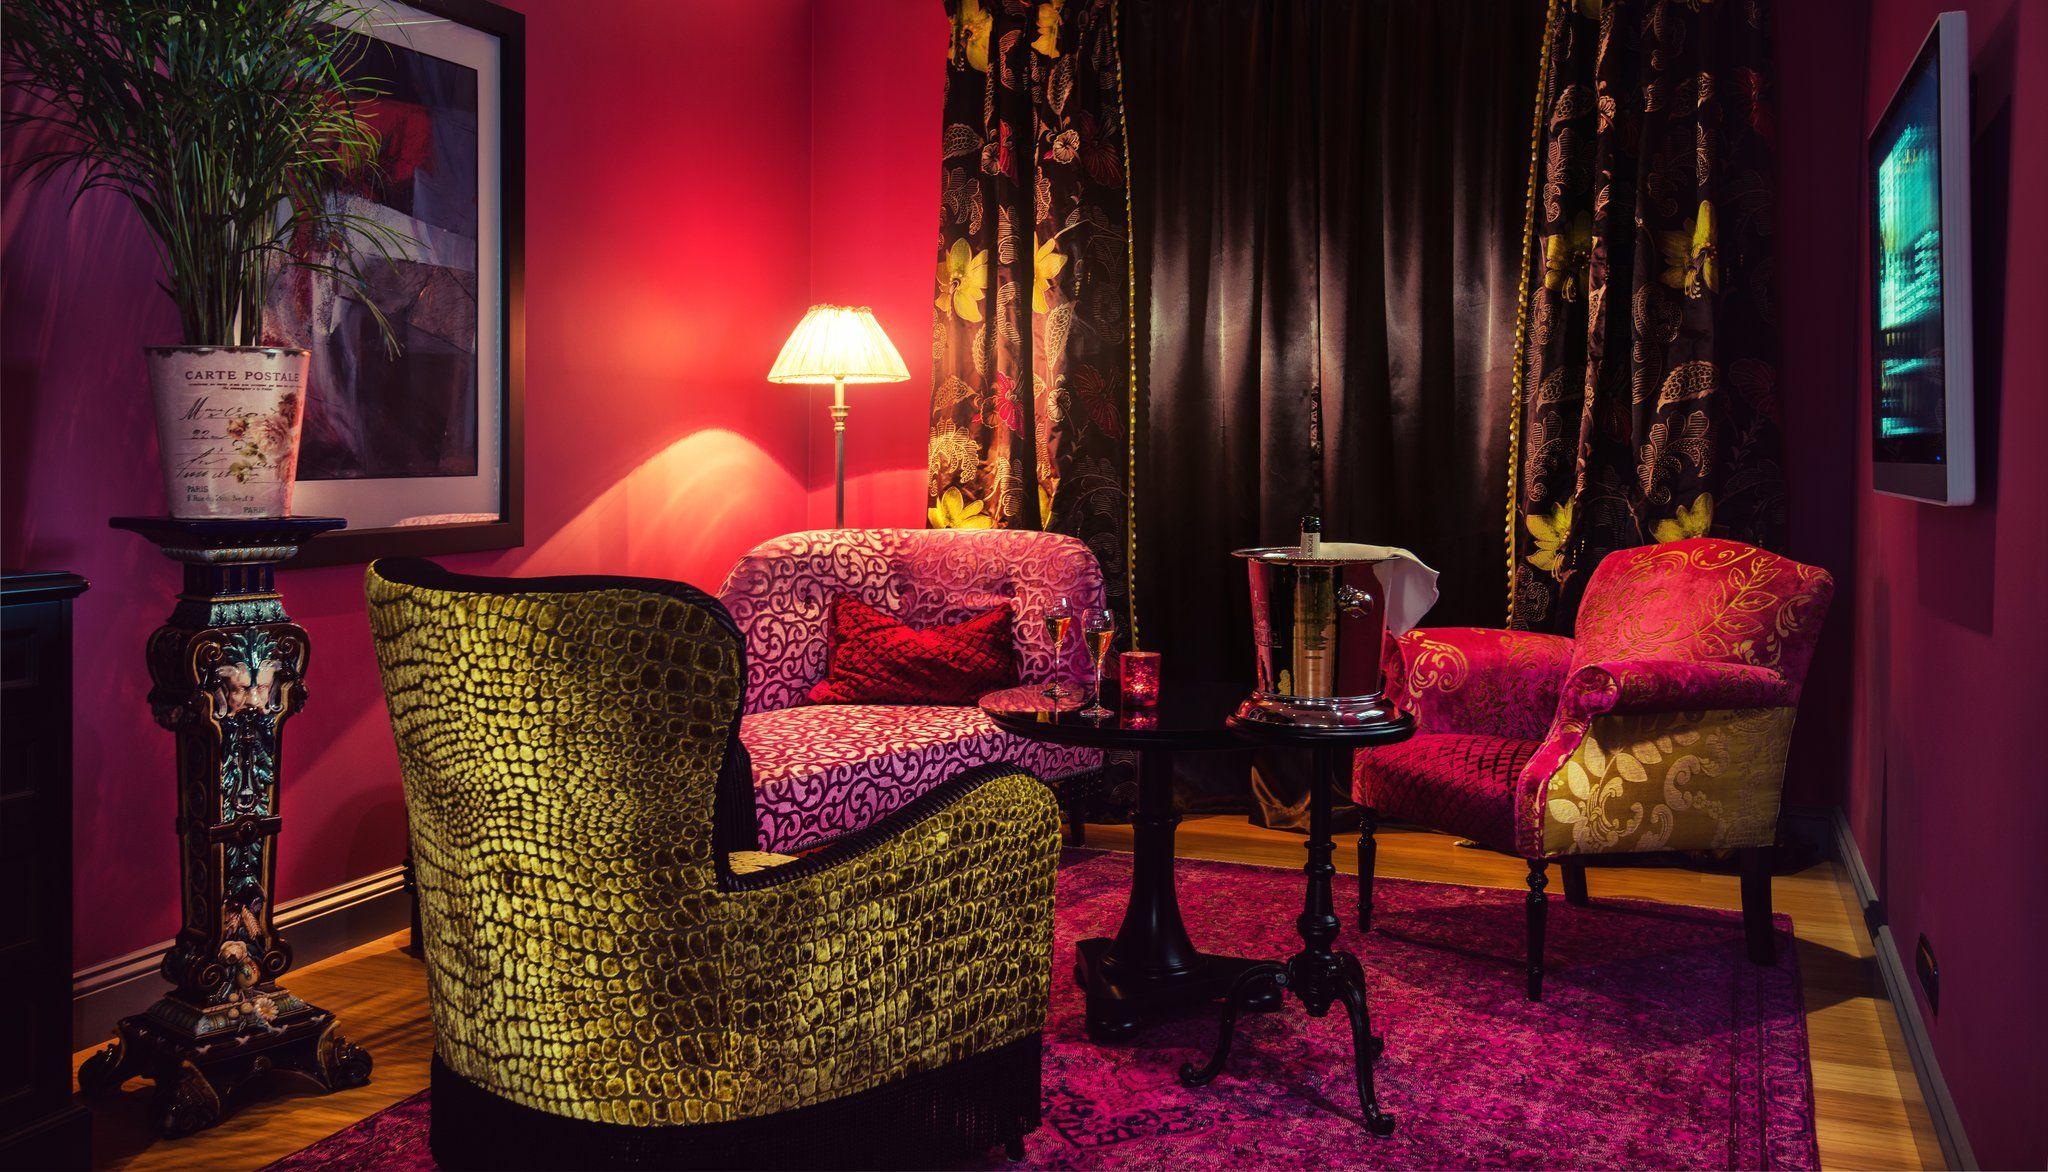 dorsia hotel & restaurant gothenburg, sweden, dorsia interior